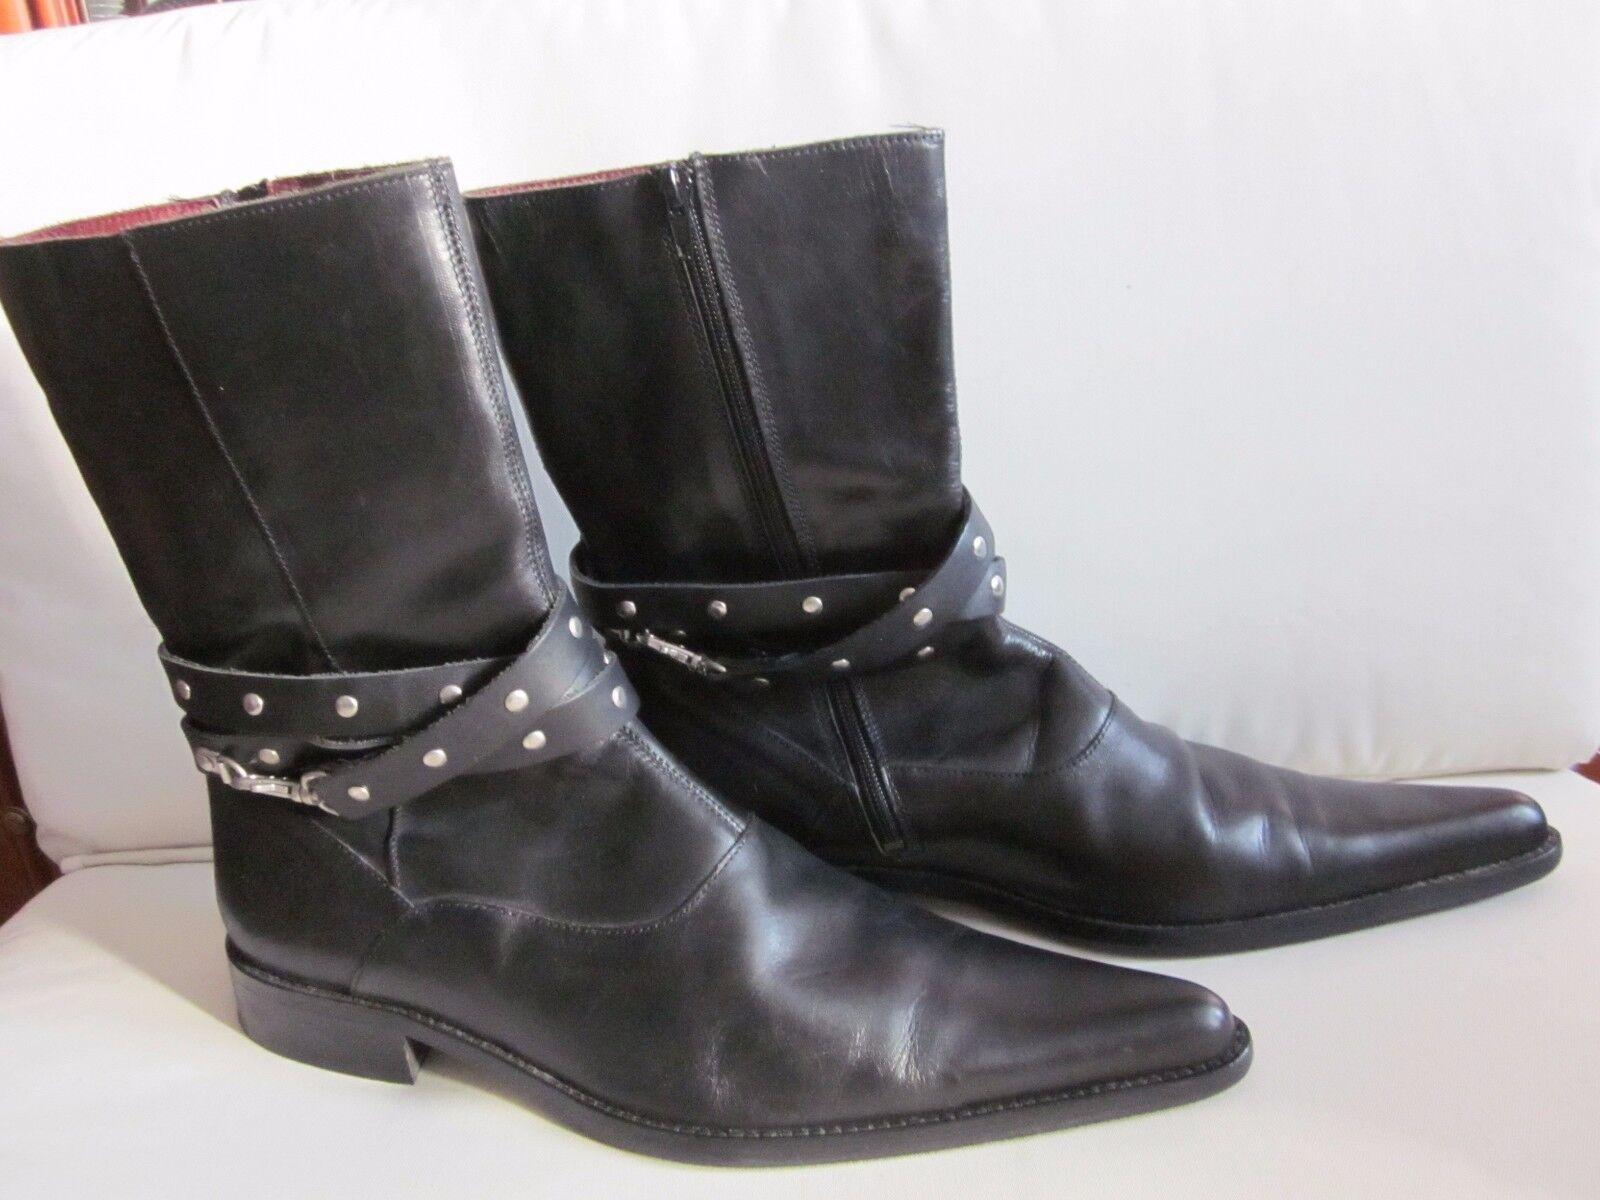 ZARA MADE IN PORTUGAL Herren Designerstiefel Größe 45 Echt Leder schwarz